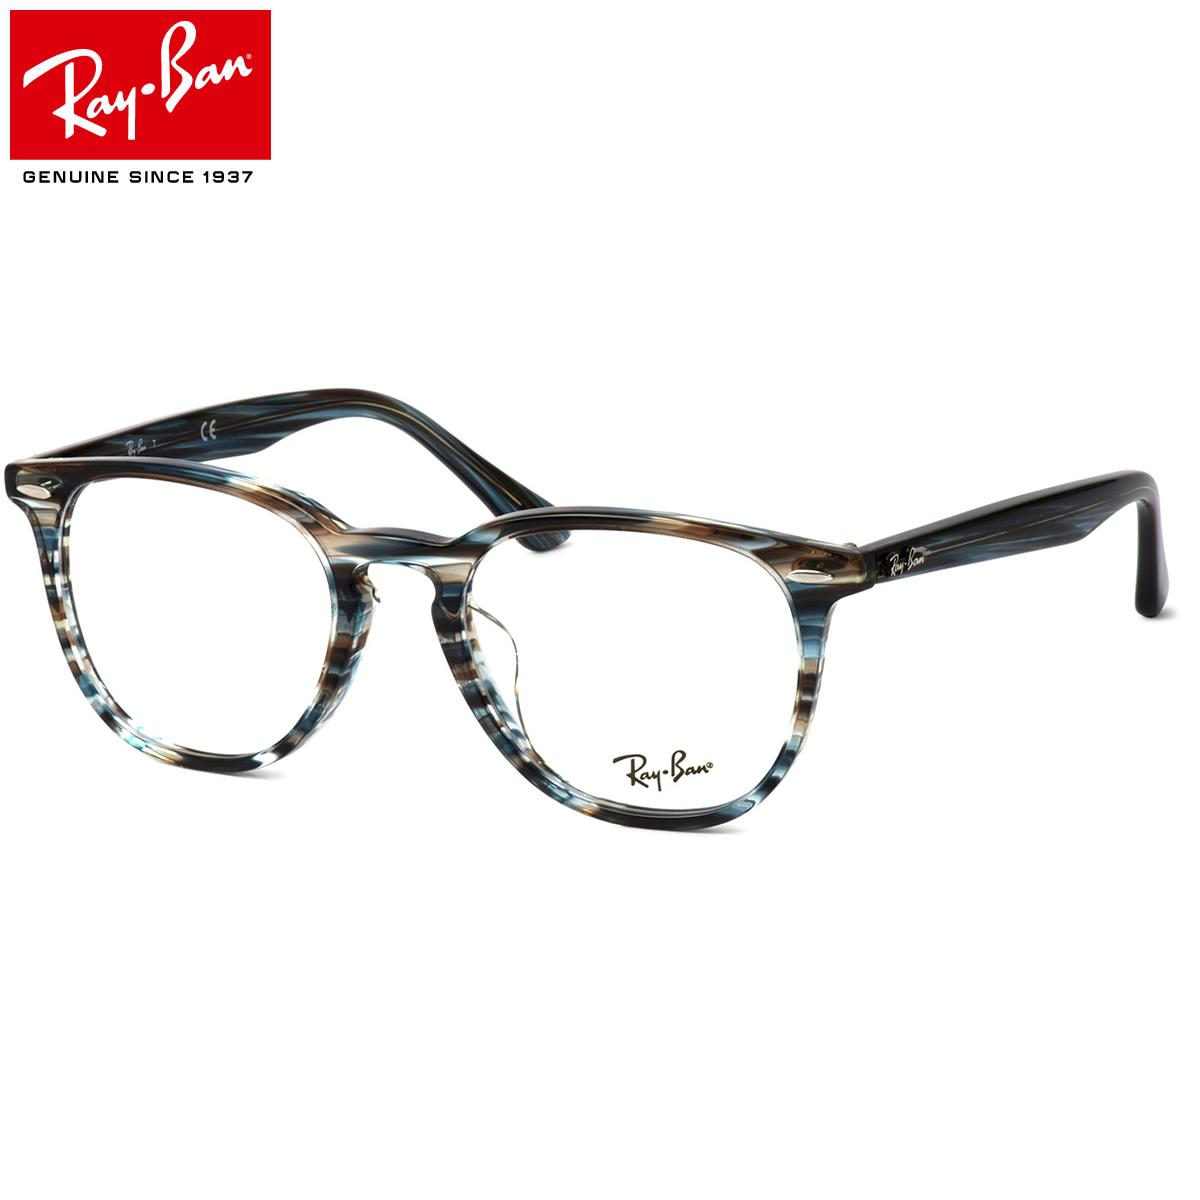 Ray-Ban レイバン メガネ RX7159F 5750 52サイズ ウェリントン キーホールブリッジ フルフィット レイバン RayBan メンズ レディース